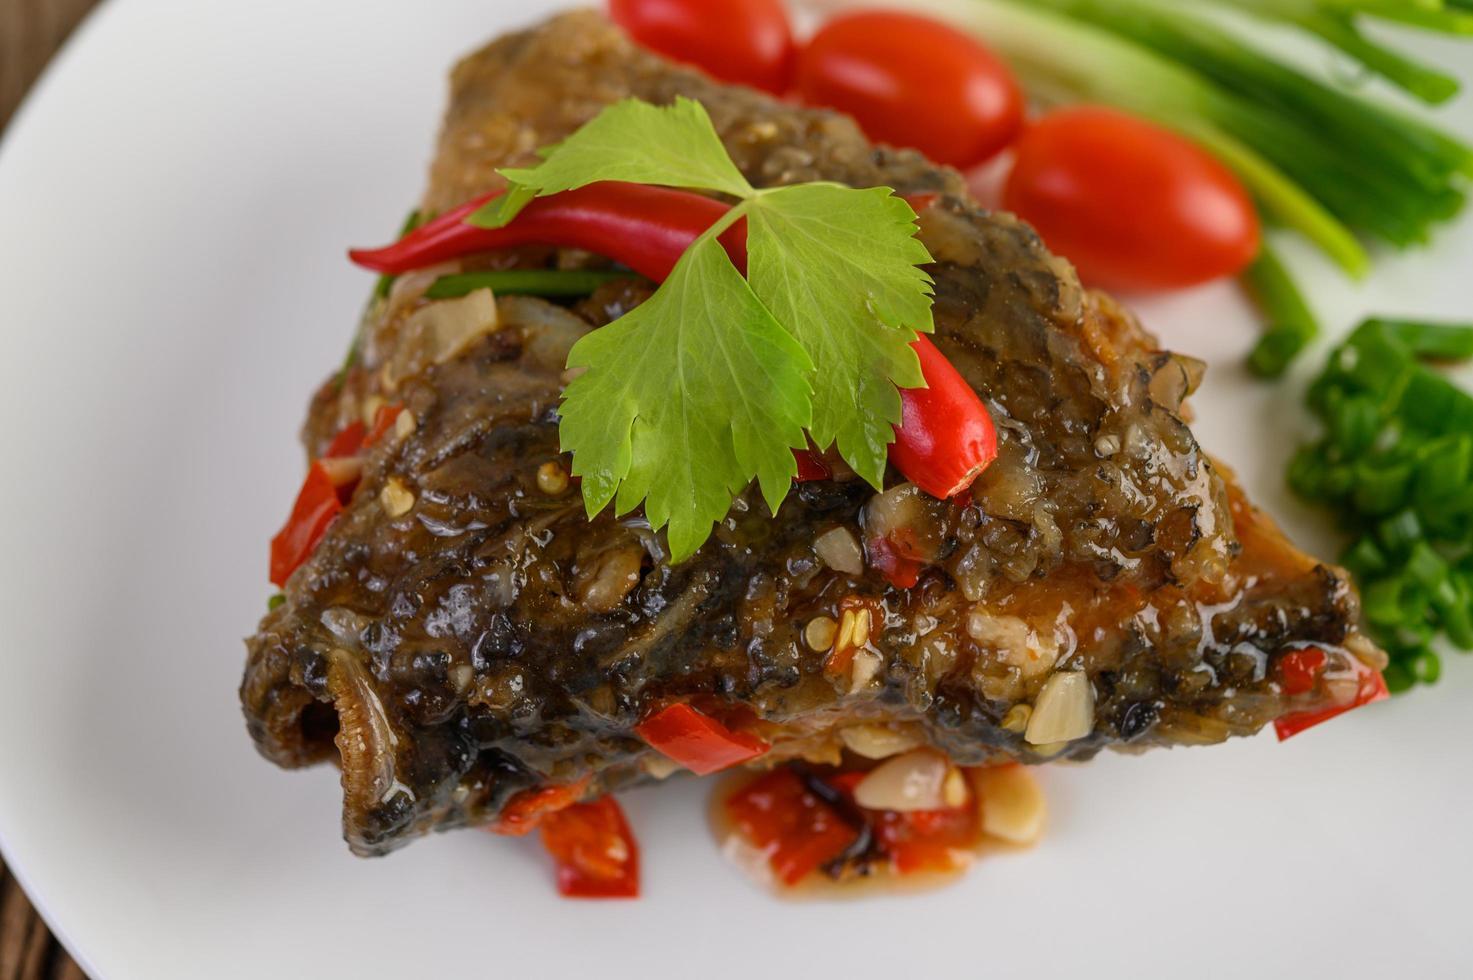 gefrituurde viskop gegarneerd met chilis op een witte plaat foto